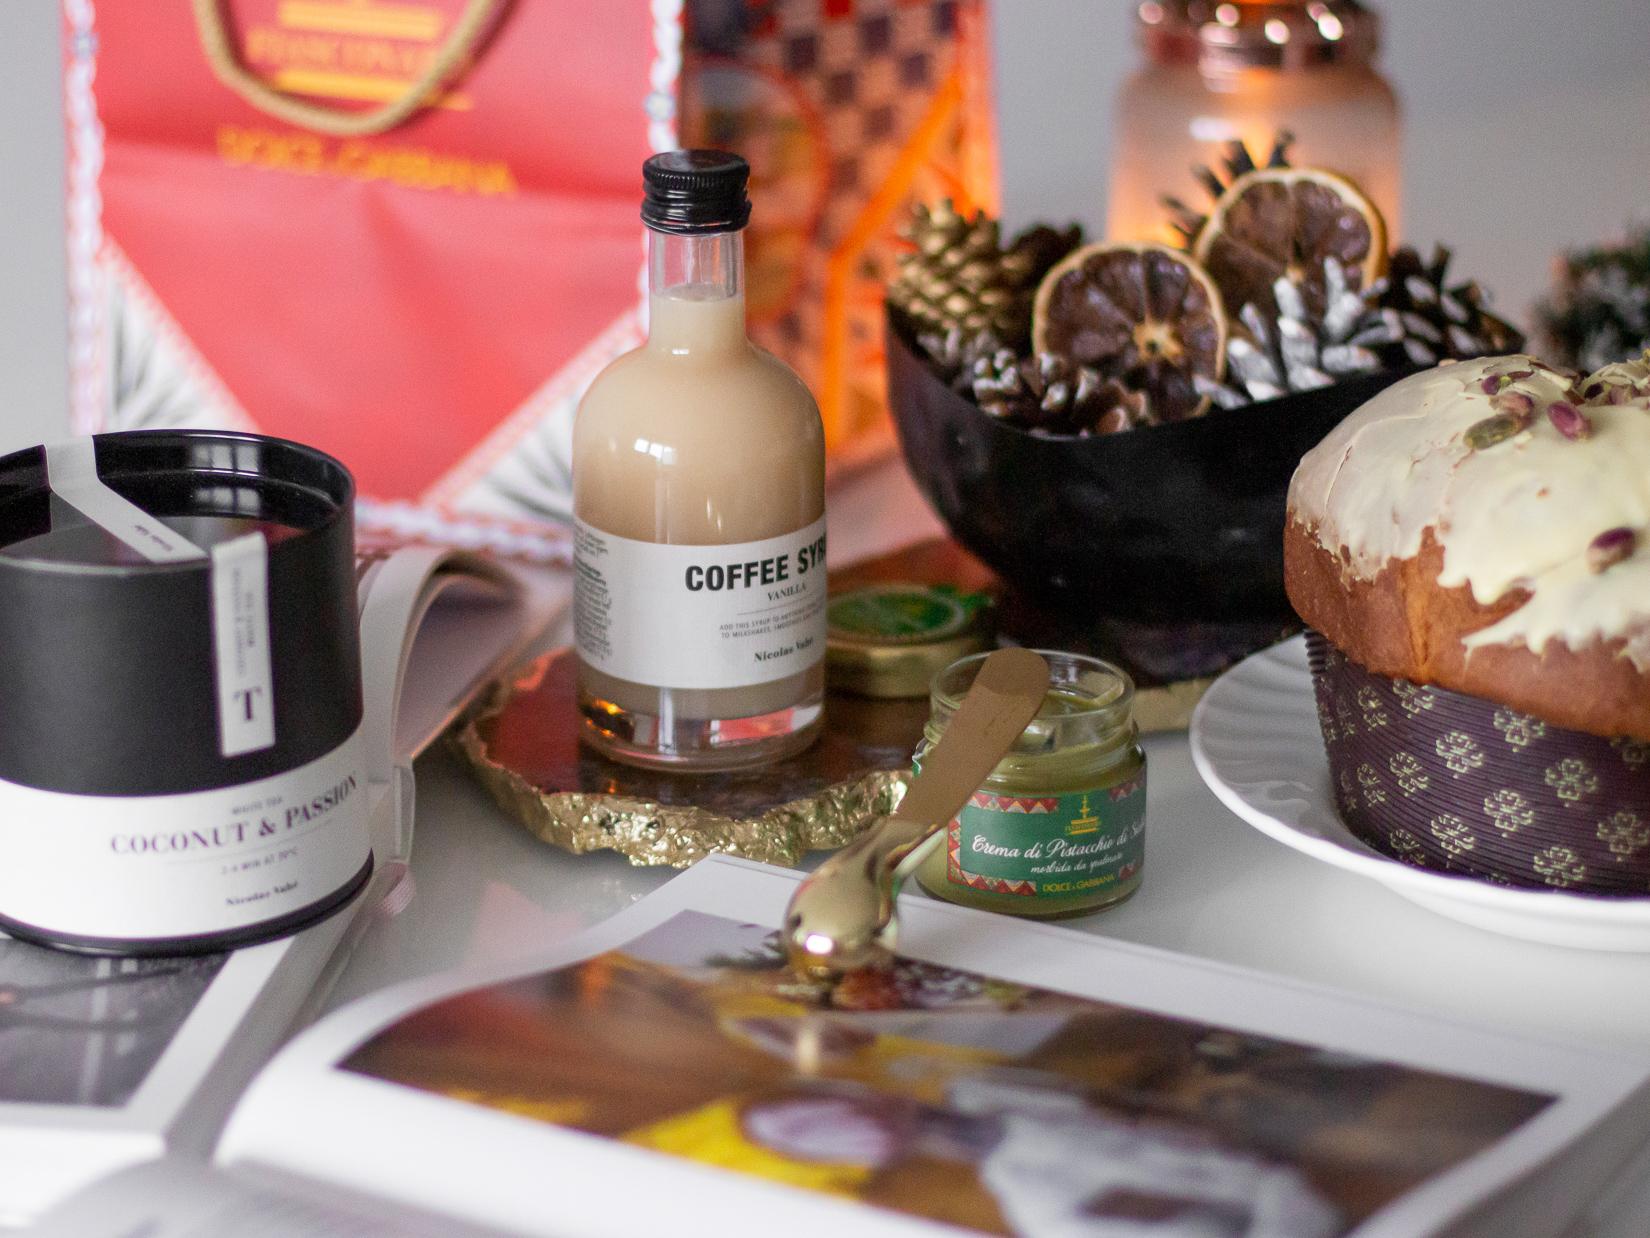 tipy na vánoční dárky panettone 2019